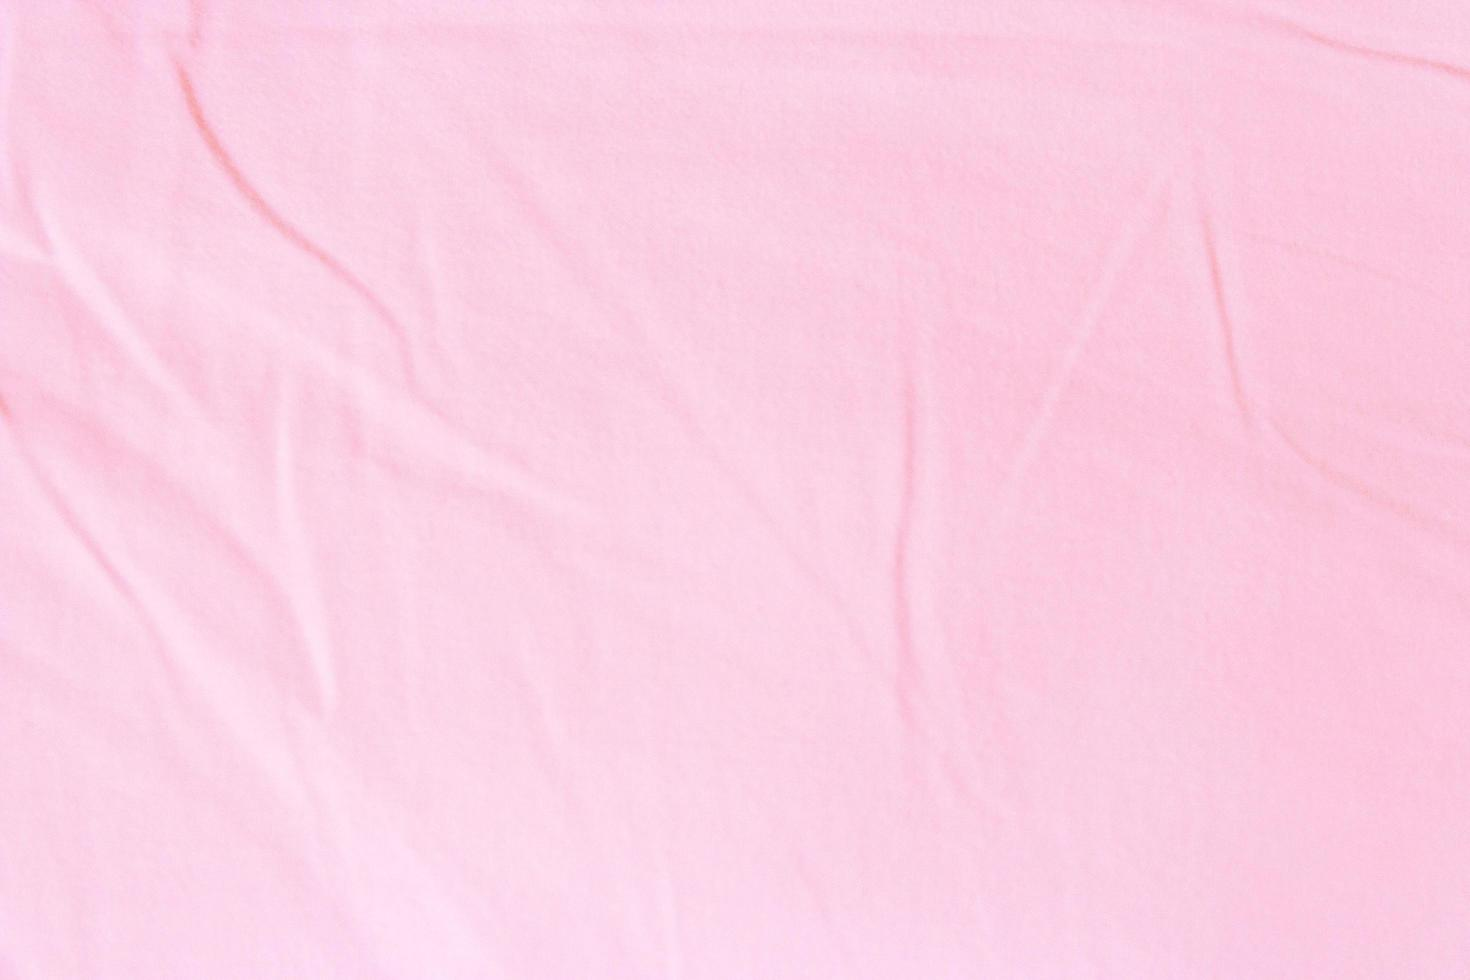 rosa tyg bakgrund foto